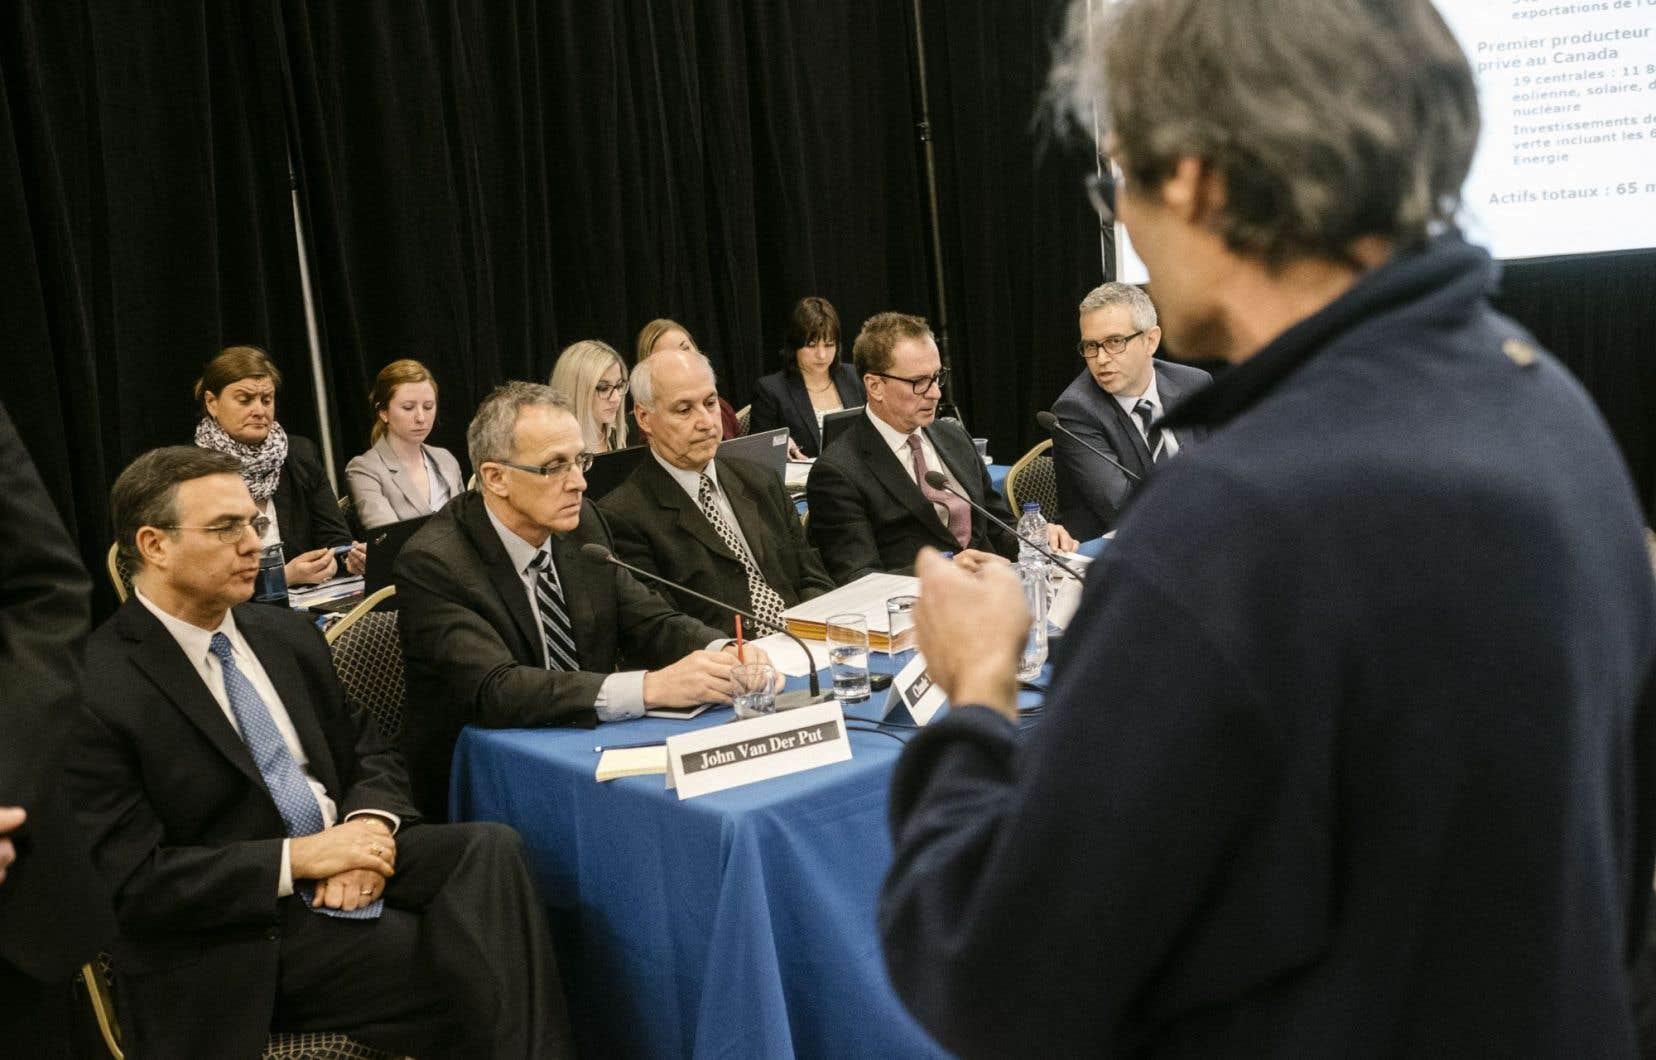 À la suite des protestations qui ont marqué la première soirée des audiences du BAPE sur Énergie Est lundi soir, à Lévis, le premier ministre Philippe Couillard a plaidé mardi en faveur d'un débat «rationnel et raisonné».